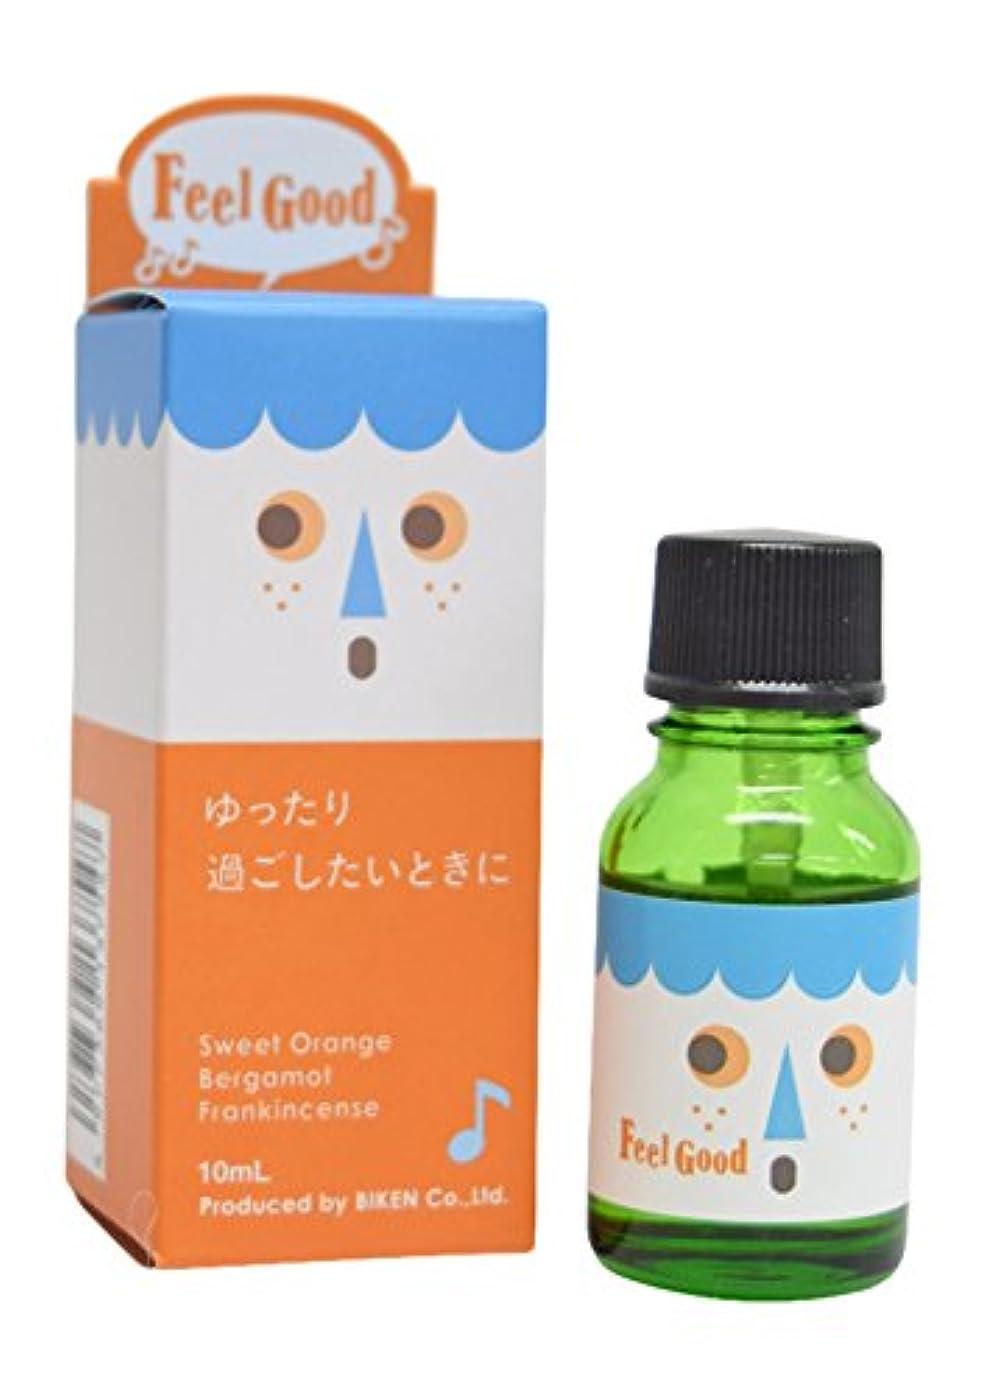 タービン抽象化習熟度デイリーアロマ 水溶性 消臭?除菌エッセンシャルオイル Feel Good